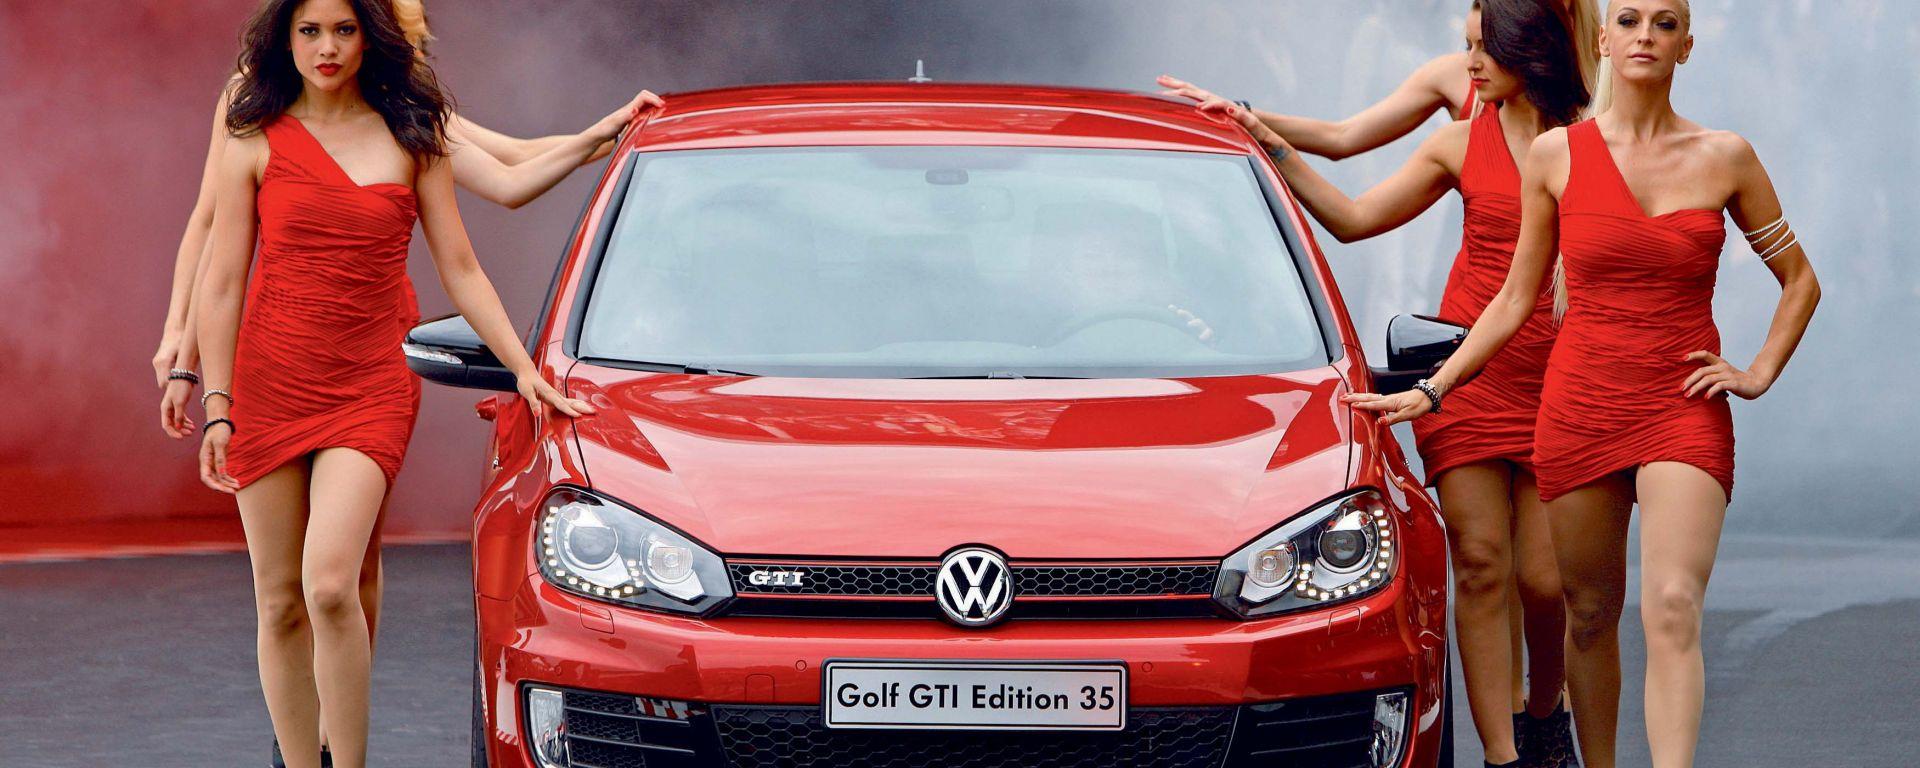 Volkswagen Golf GTI: la Edition 35 e tutte le altre